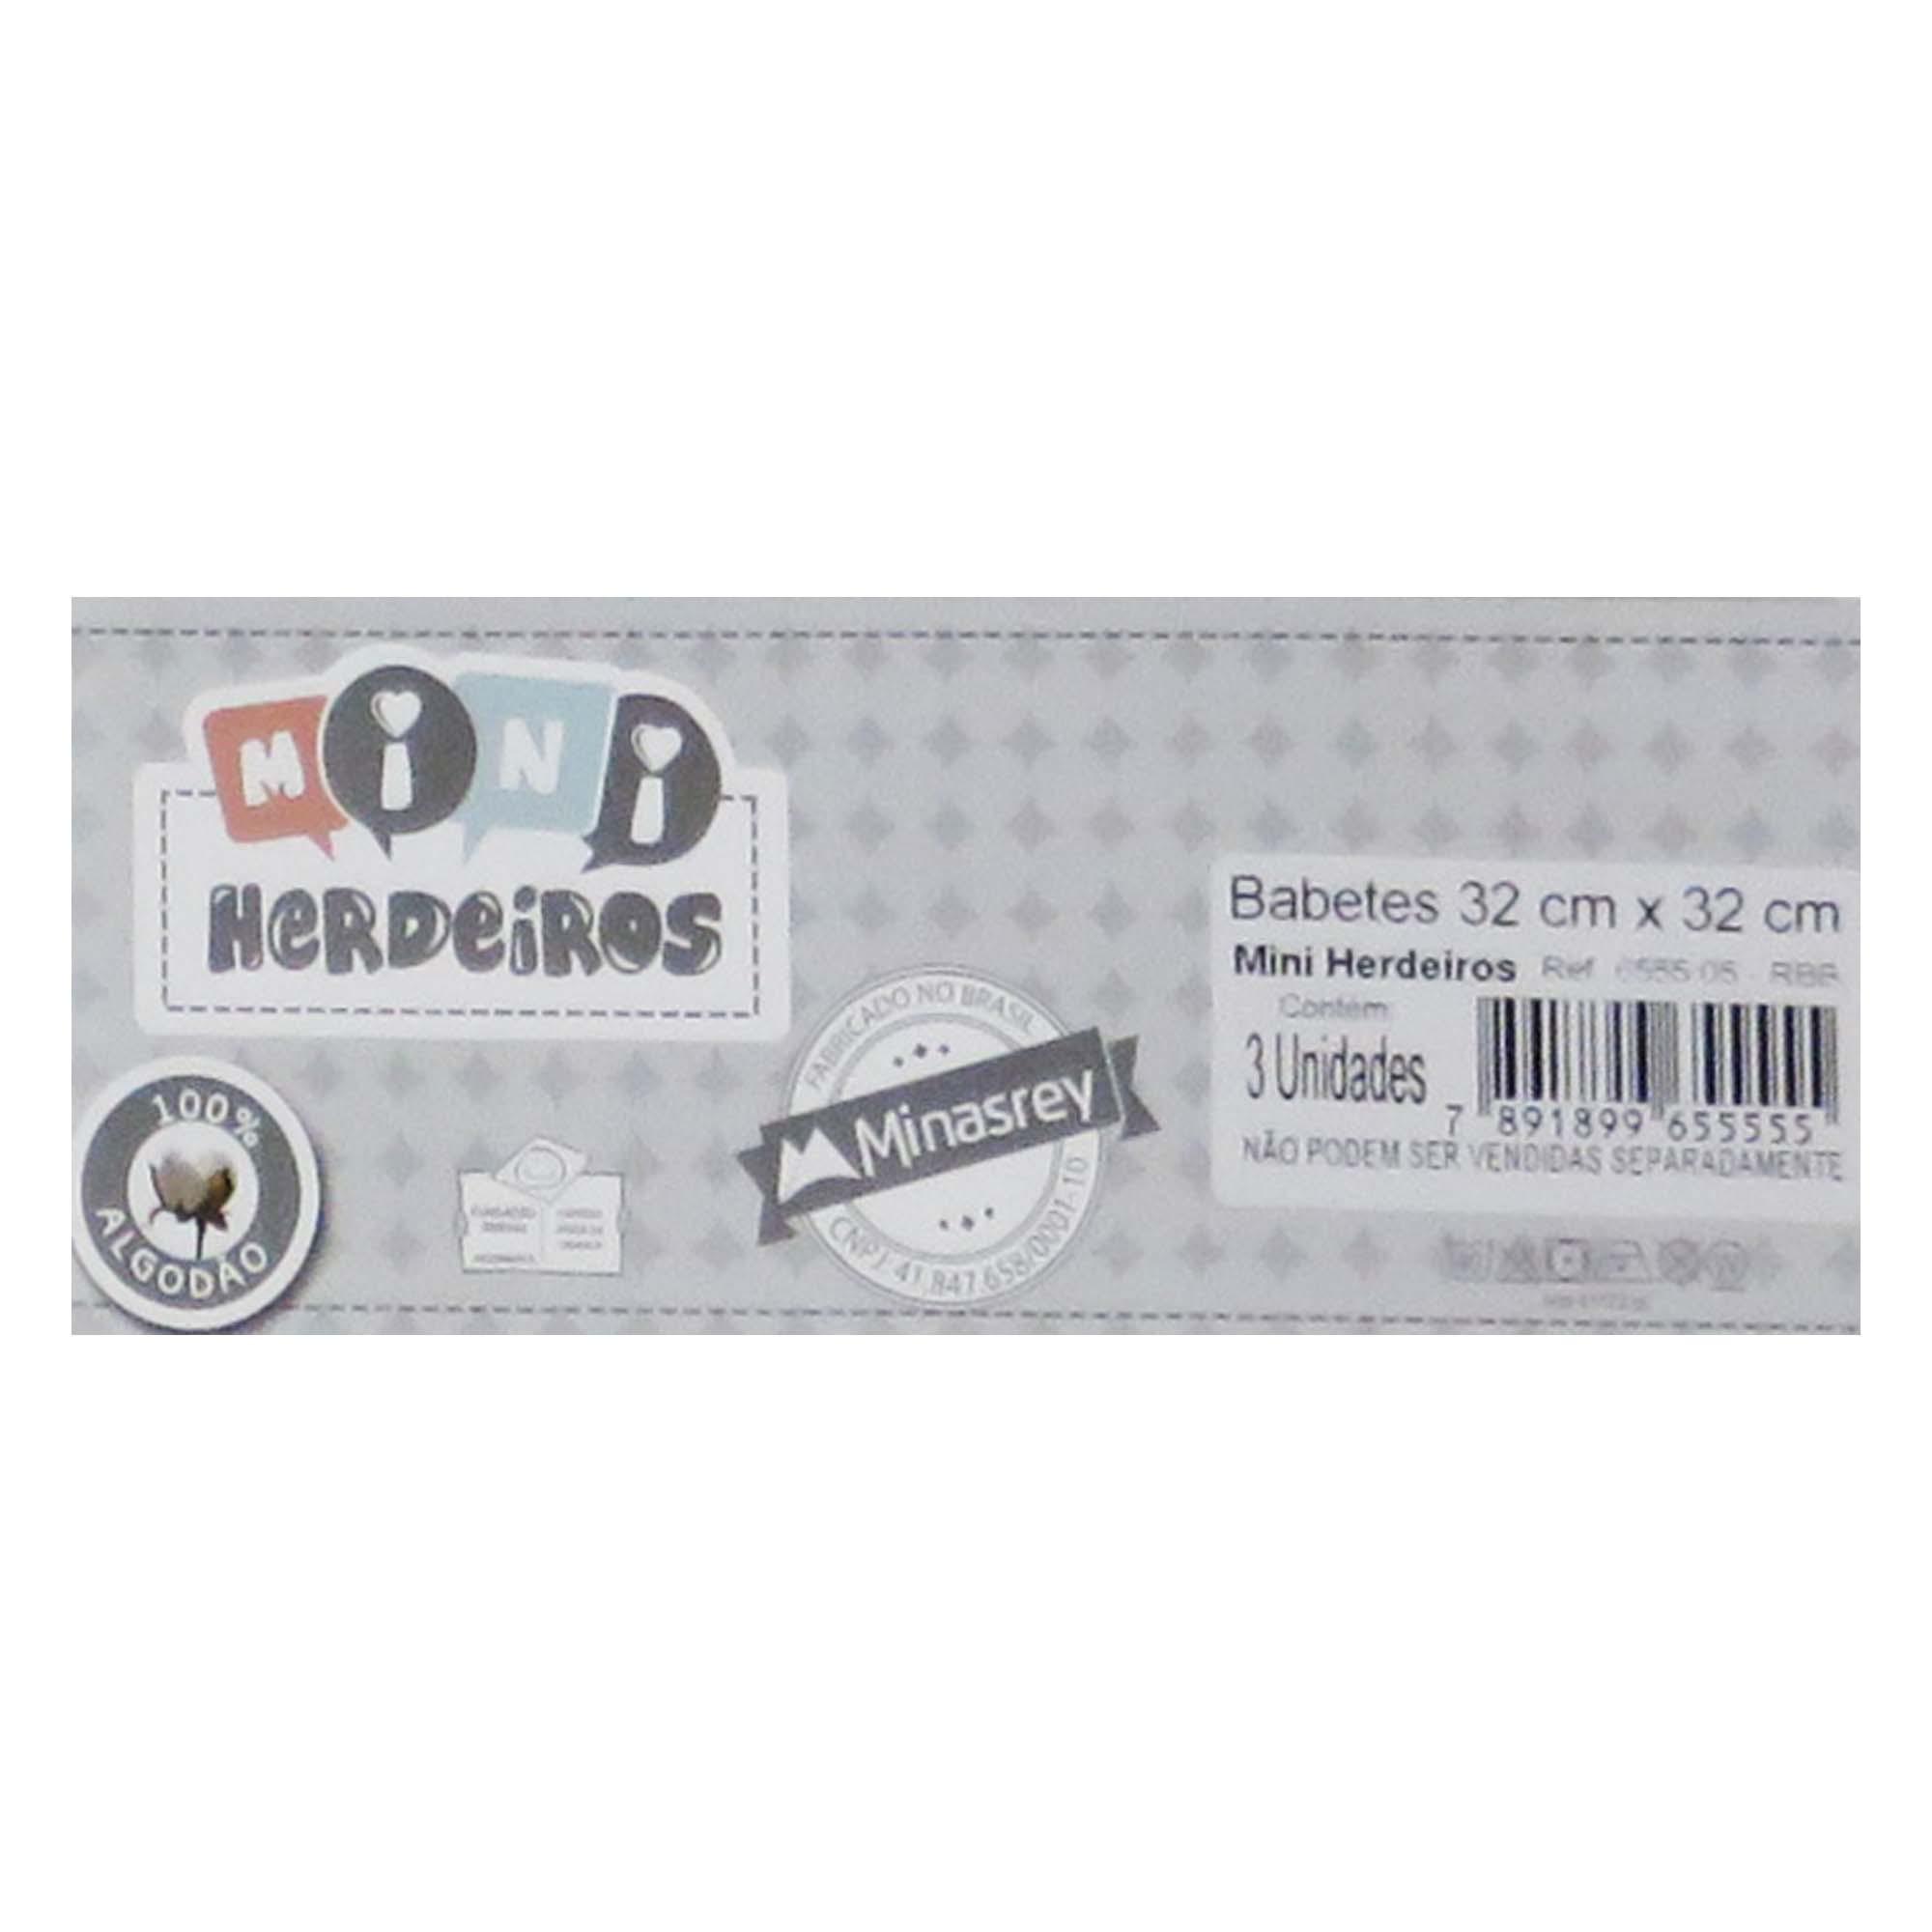 Babete Fralda Bordada Urso Balão  com 3 unidades - Minasrey - Mini Herdeiros